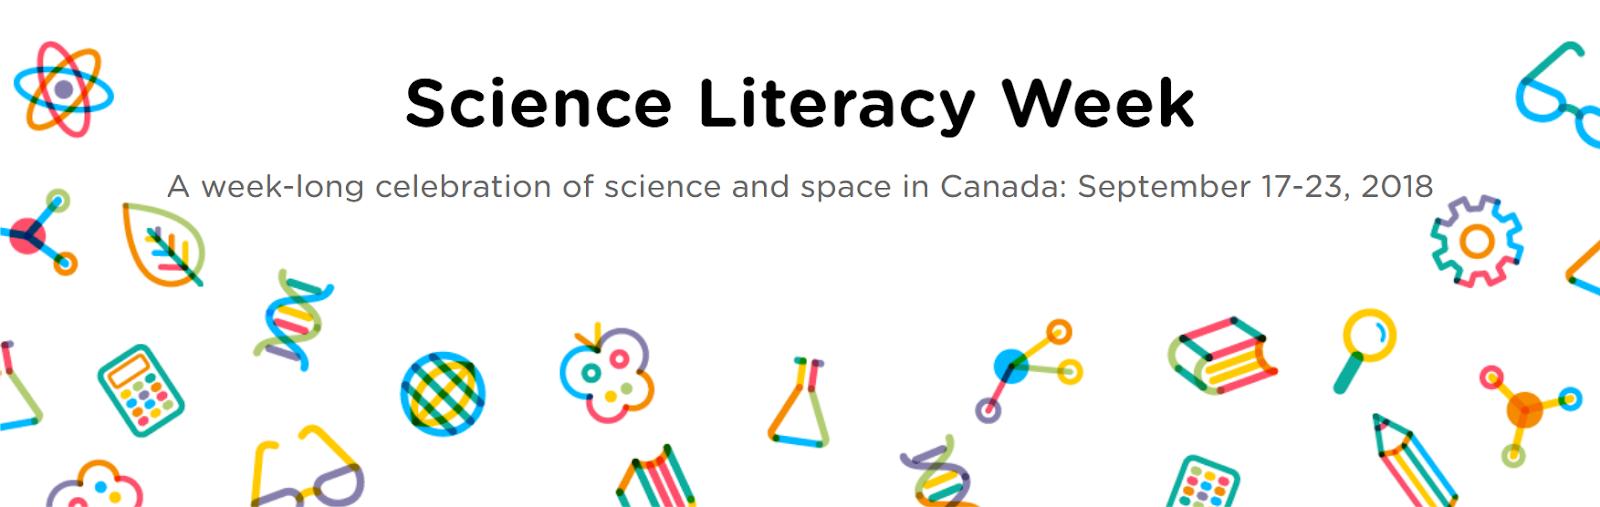 Science Literacy week